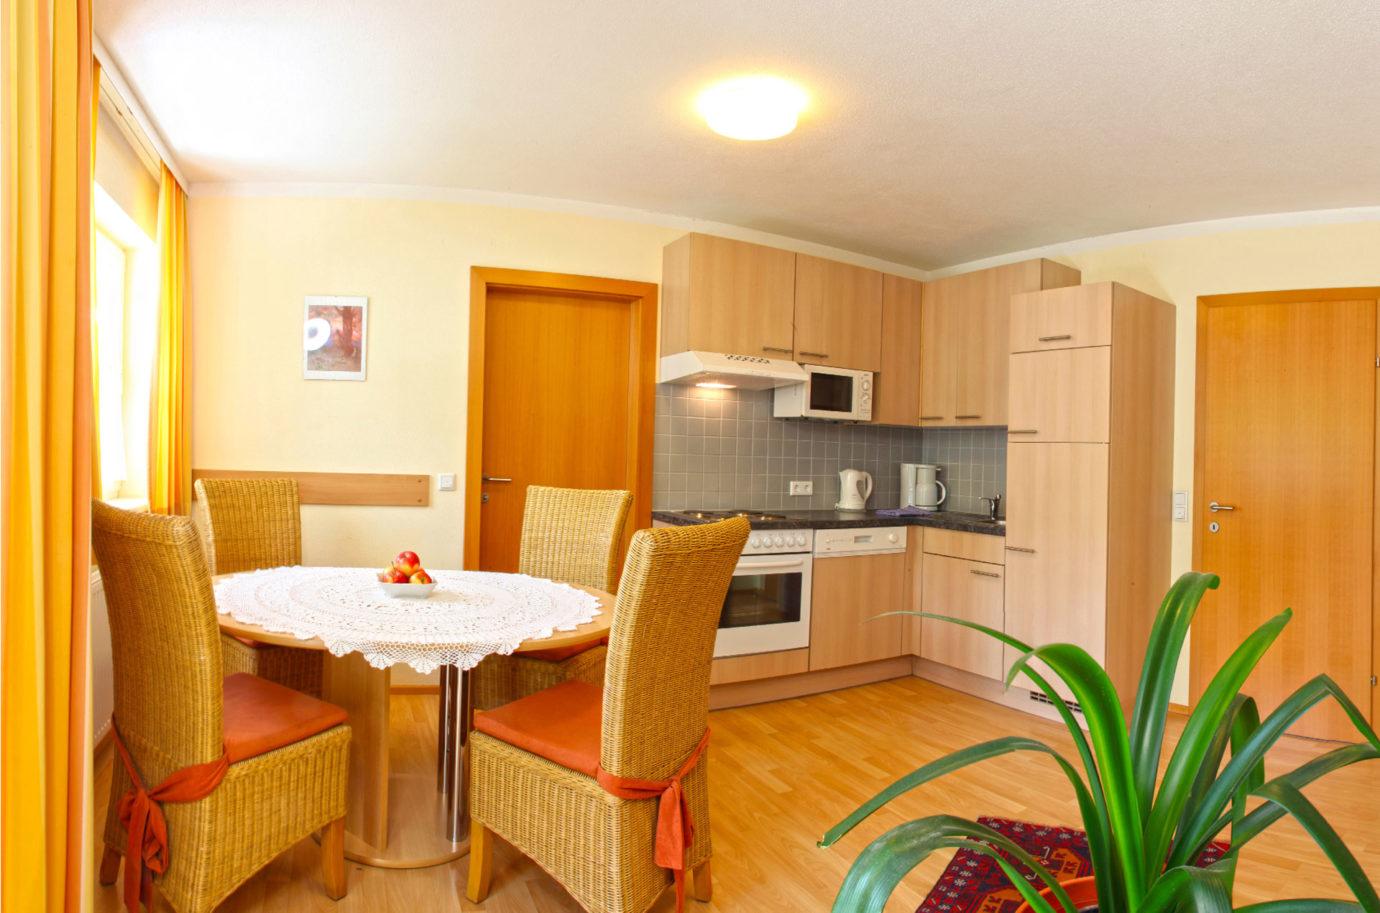 Dependance I der Villa Florl ****Apartments in Schadming